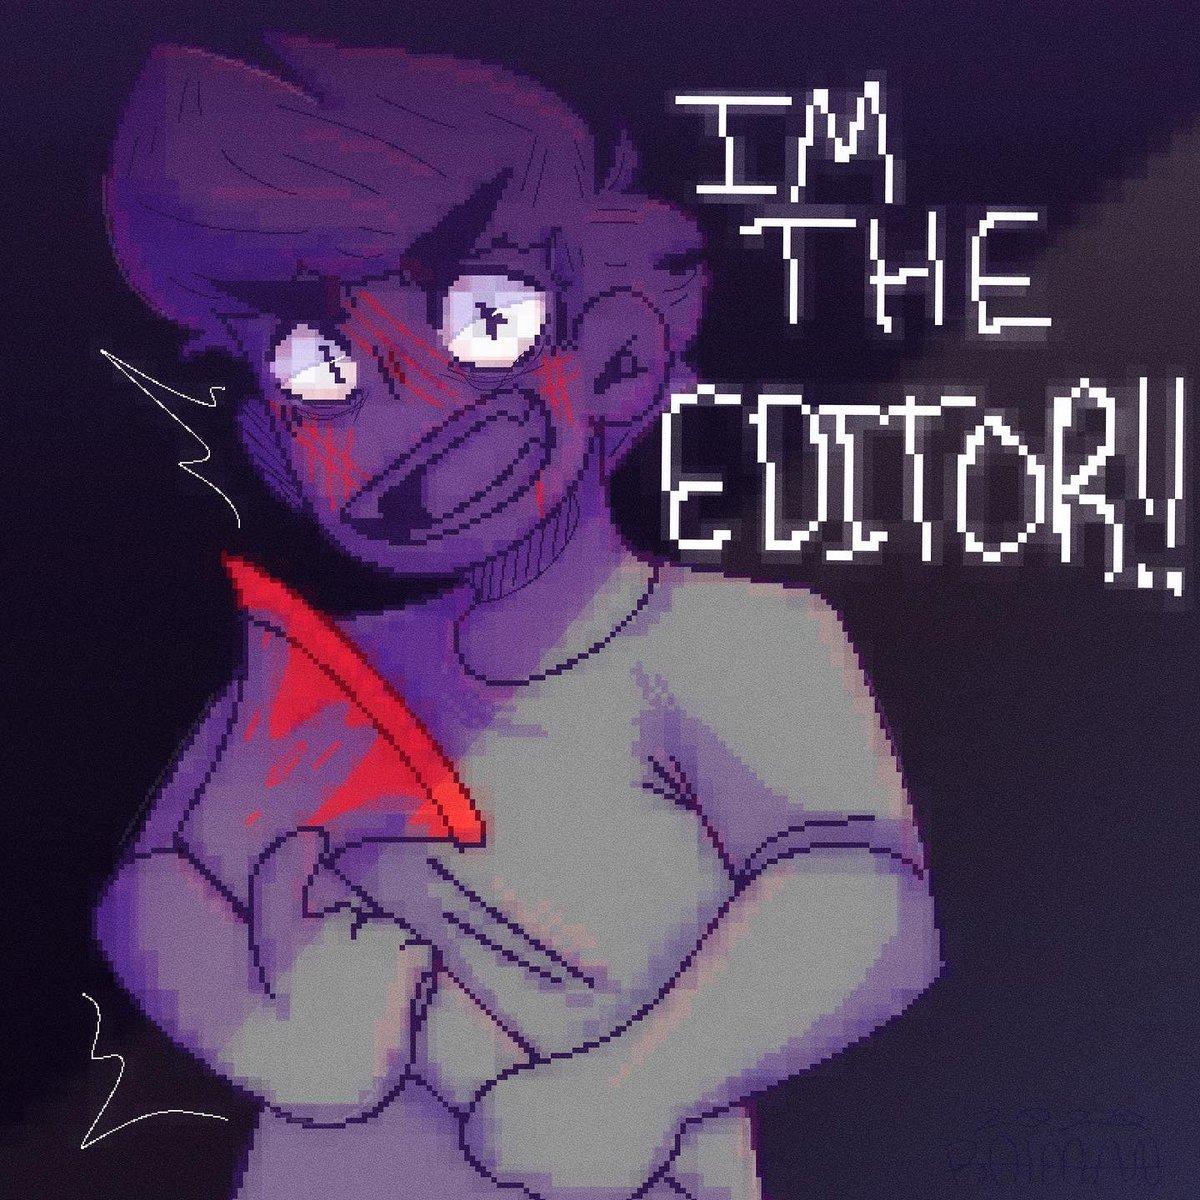 tw//blood   he's the editor :] @LixianTV  #art #artist